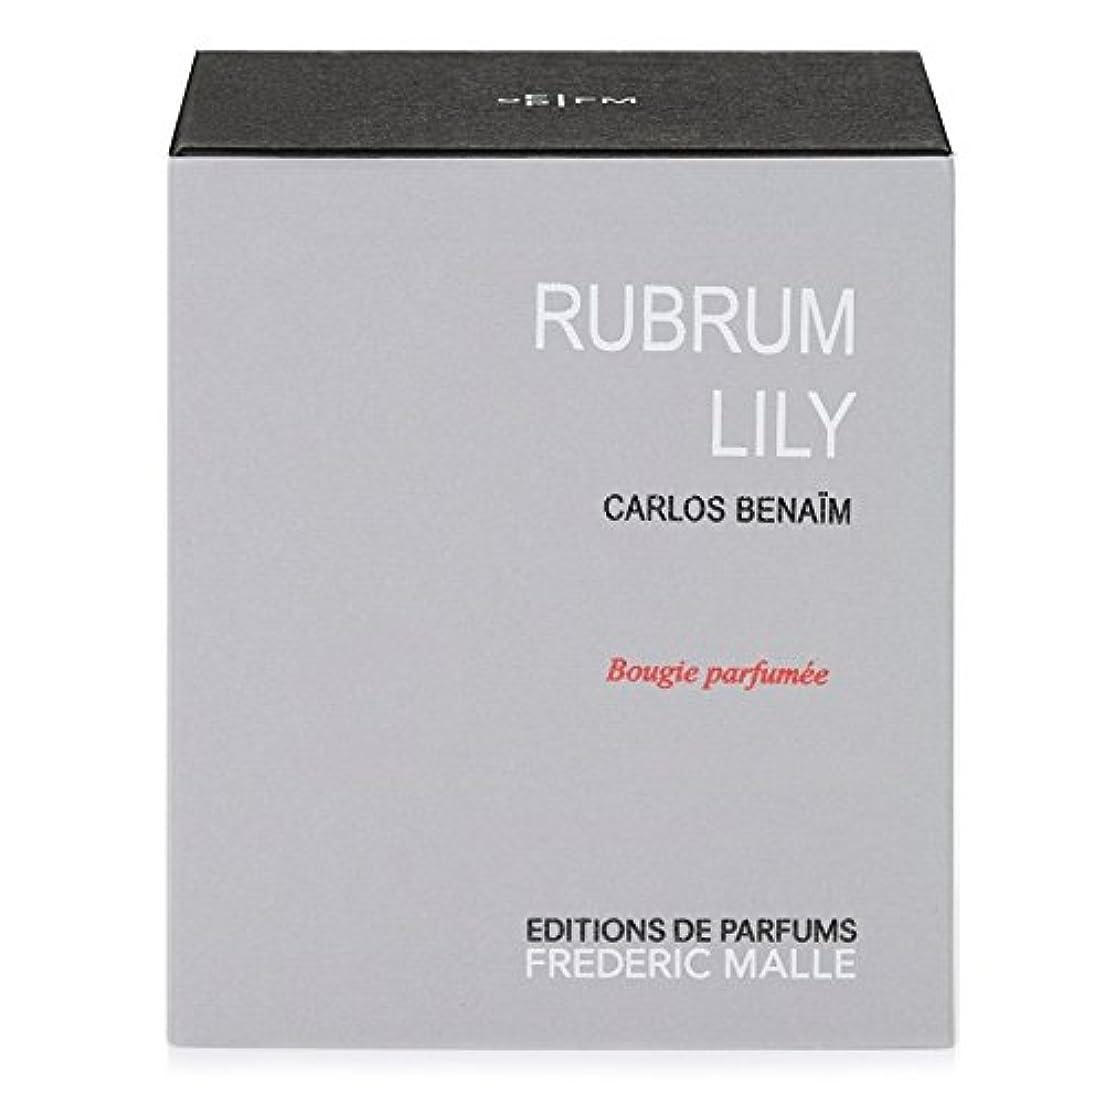 ましい恥泥だらけFrederic Malle Rubrum Lily Scented Candle (Pack of 4) - フレデリック?マルルブルムユリの香りのキャンドル x4 [並行輸入品]